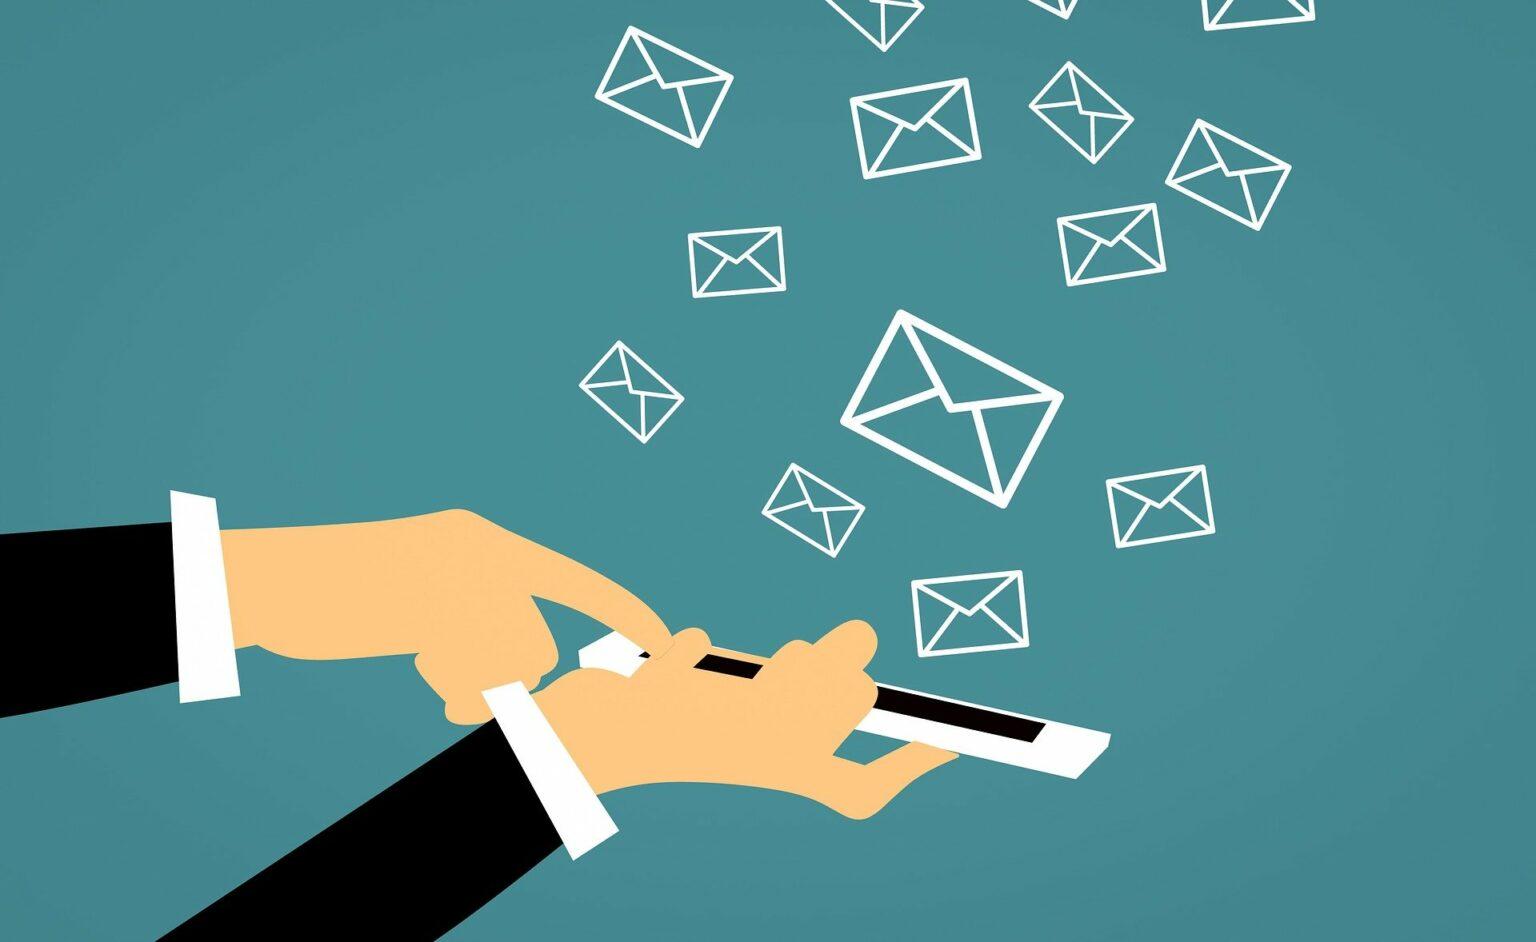 Imagem de um celular com o desenho de vários envelopes saindo dele (imagem ilustrativa). Imagem ilustrativa texto franquias até 5 mil.